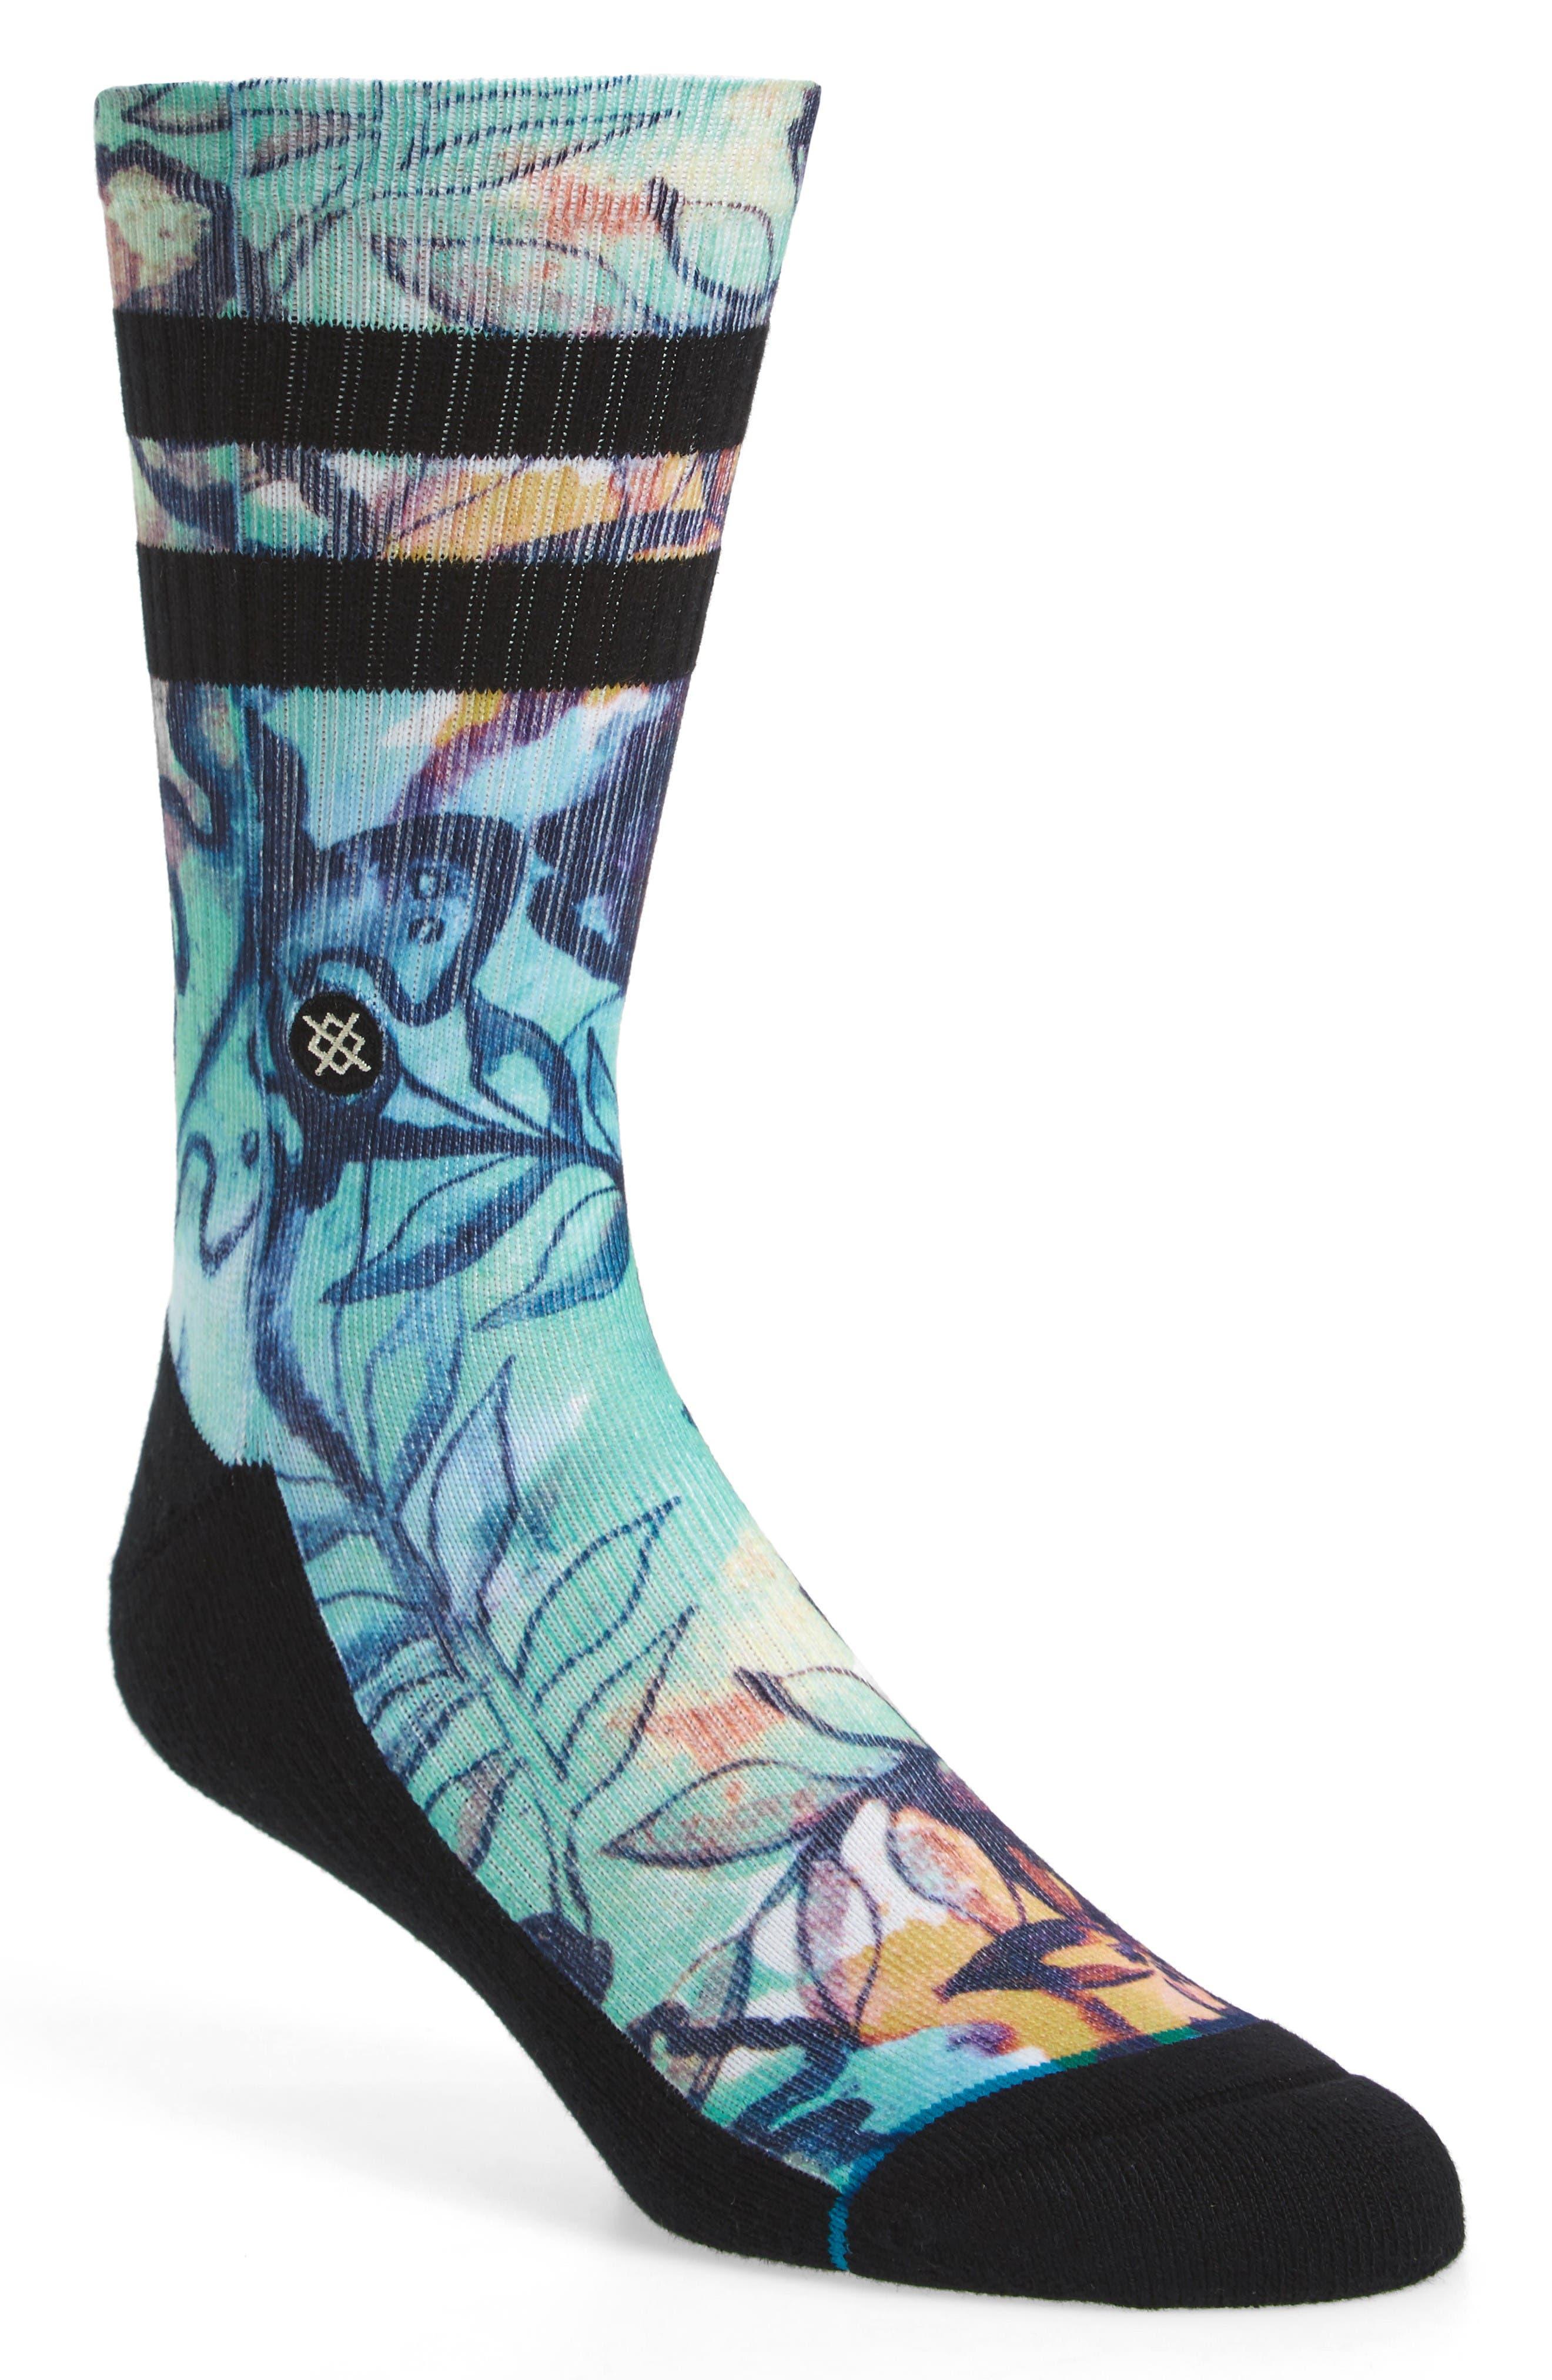 Main Image - Stance Durangoh Socks